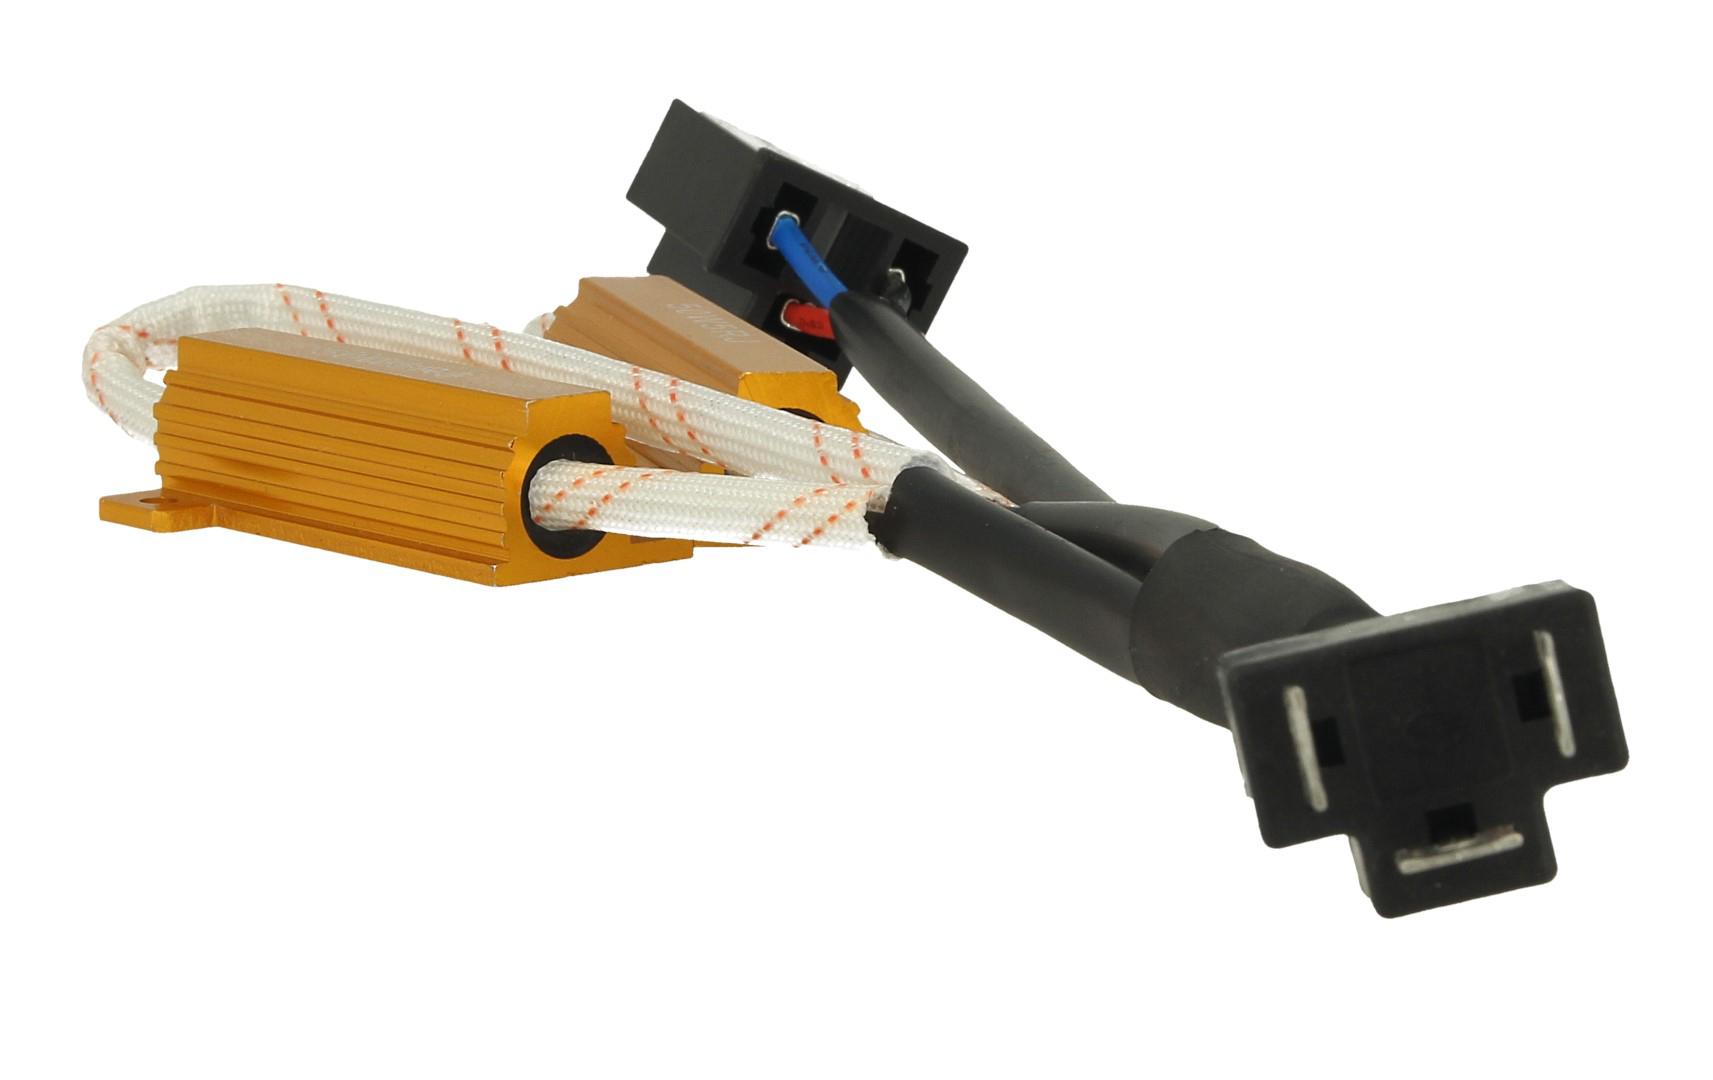 Filtro Portalampada Resistenza Per Lampada Led H4 No Errore Warning Canceller Con Doppia Resistenza 50W 5 Ohm - PZ